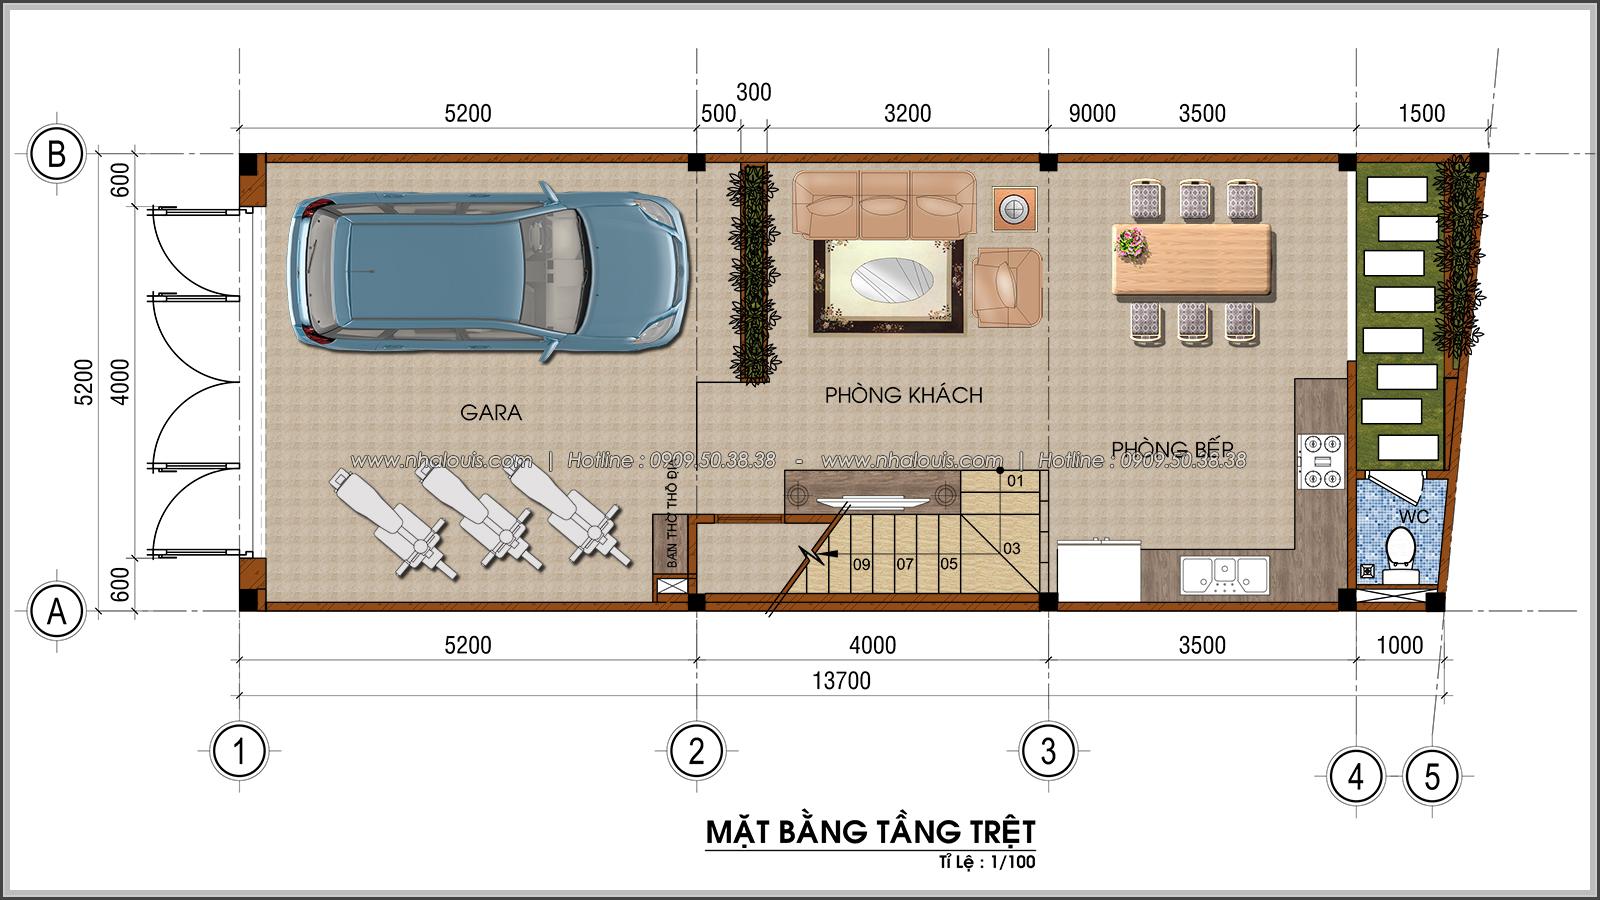 Thiết kế nhà ống 4 tầng lộng lẫy với mặt tiền 5m và gara ô tô tại Tân Bình - 03